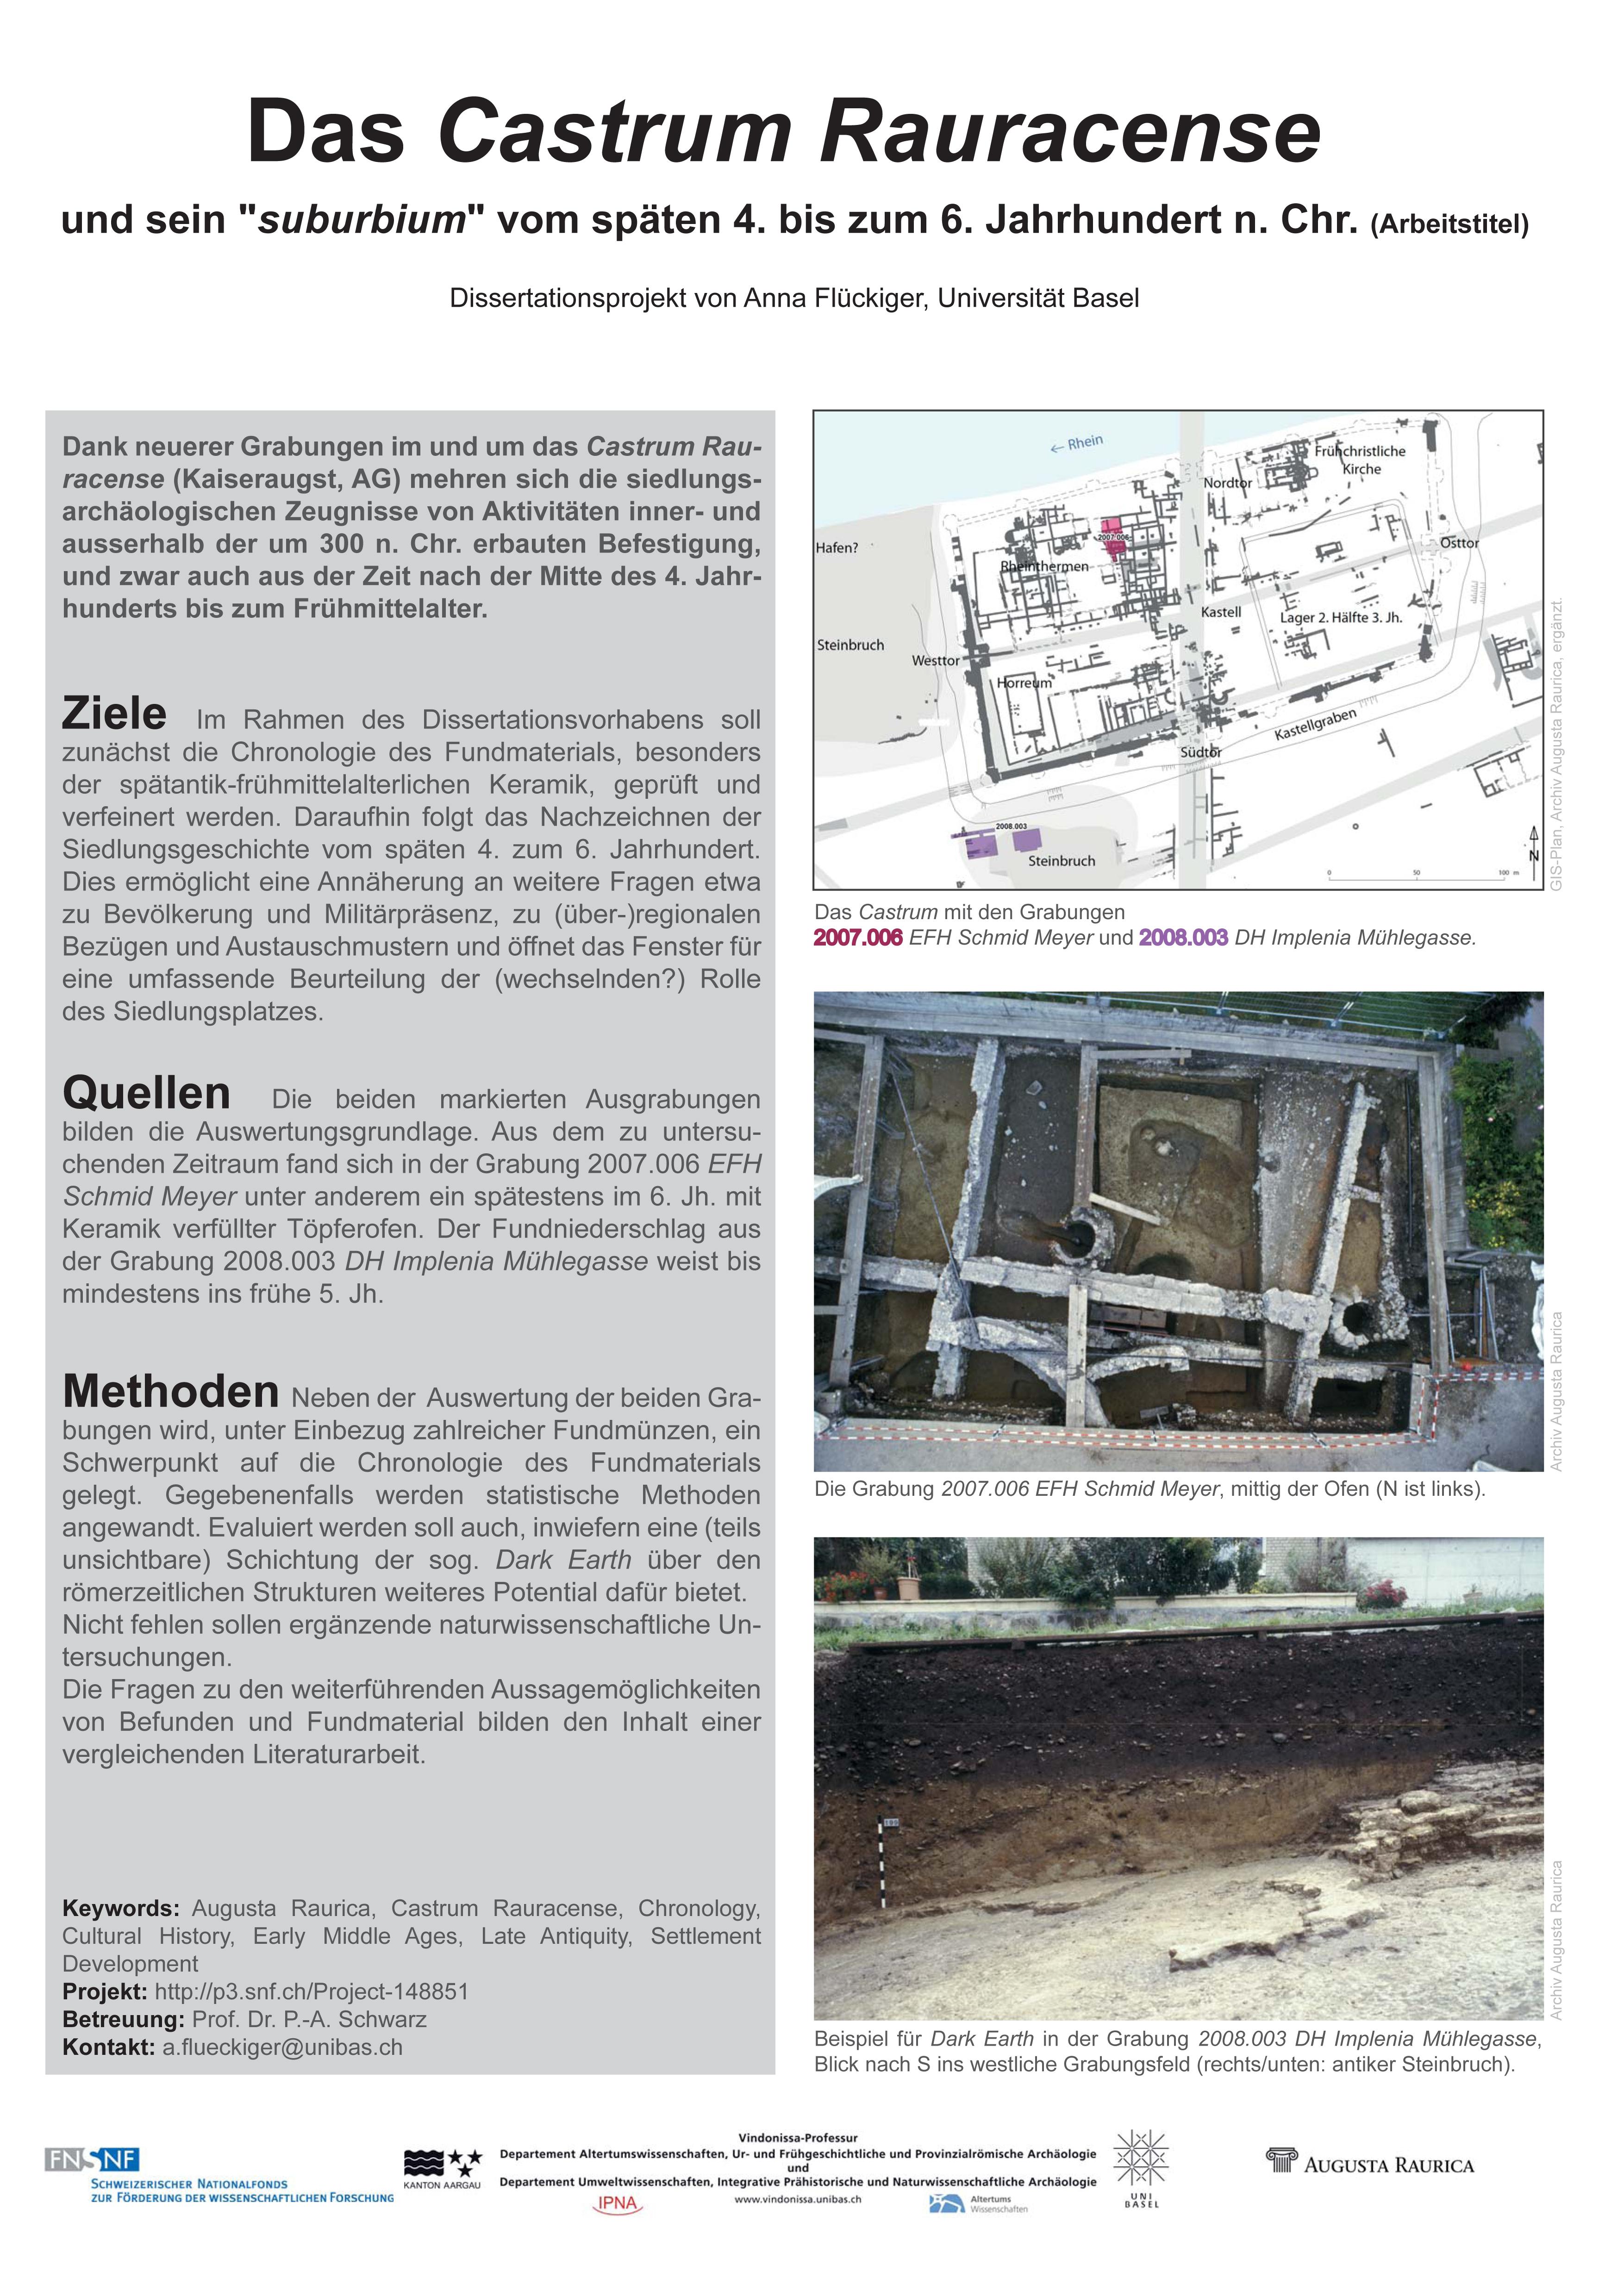 """Anna FLÜCKIGER: Das Castrum Rauracense und sein """"suburbium"""" vom späten 4. bis zum 6. Jahrhundert n. Chr."""